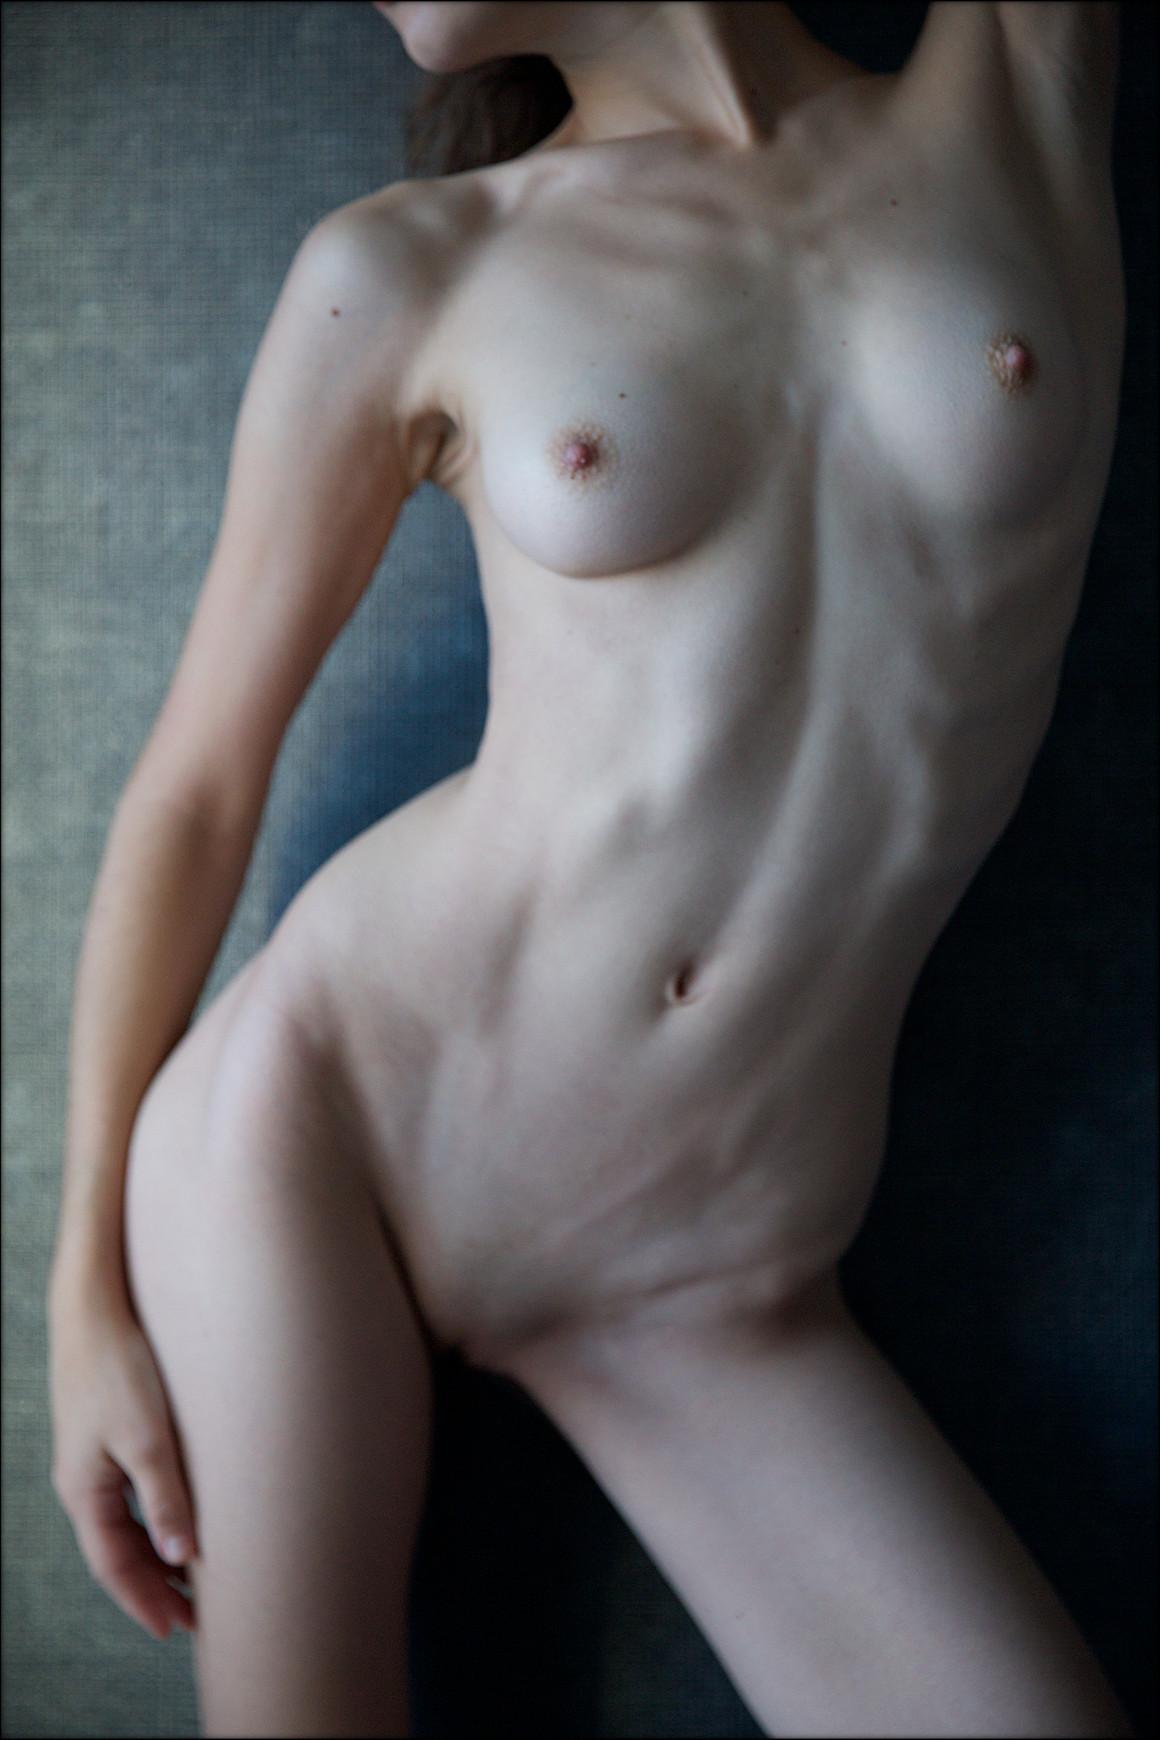 Torso of a Ballerina